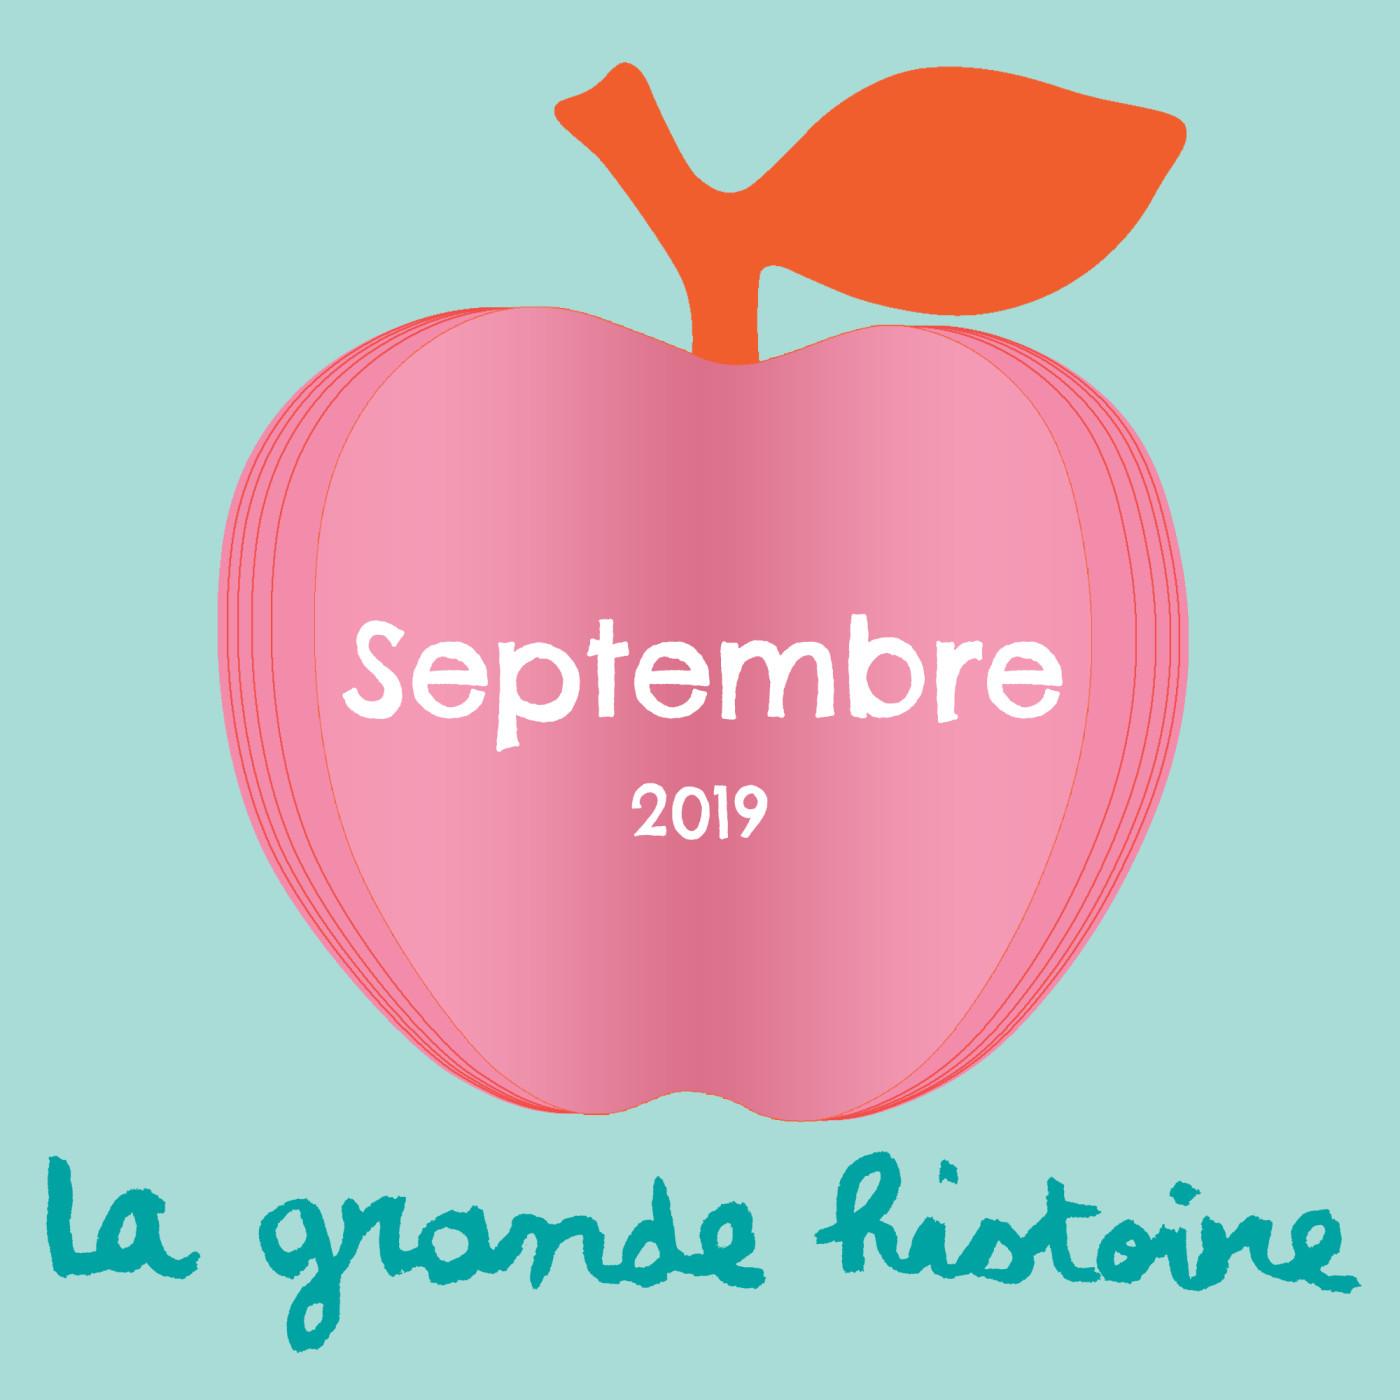 Septembre 2019 - Le prince Koa et la petite fée